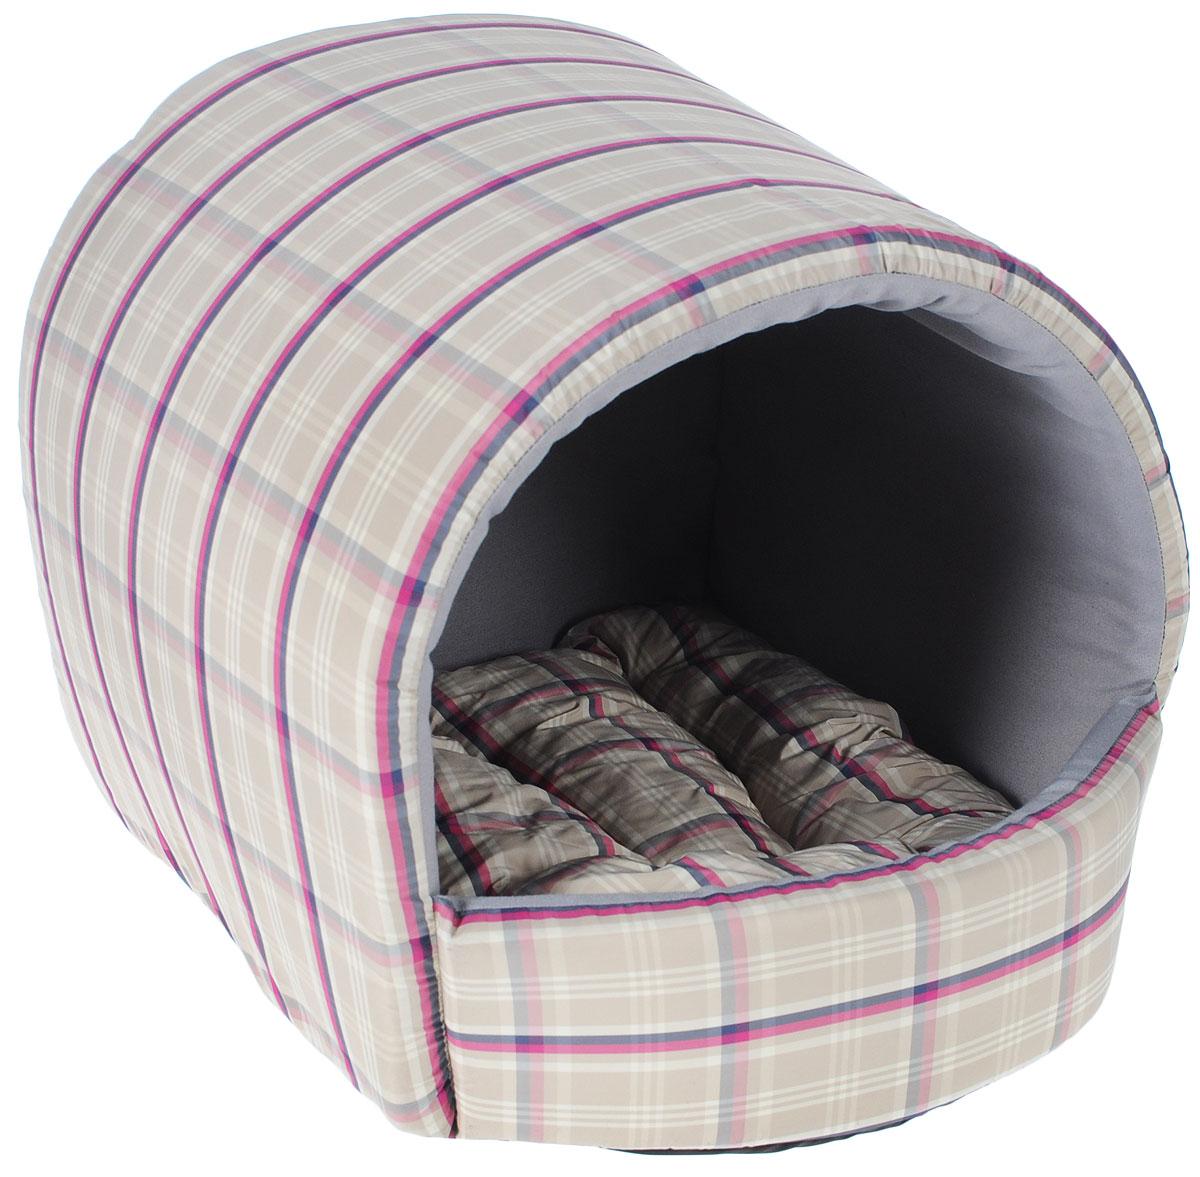 Домик для собак Happy Puppy Комфорт, 37 x 37 x 40 см0120710Домик для собак Happy Puppy Комфорт обязательно понравится вашему питомцу. Он предназначен для собак мелких пород и изготовлен из полиэстера с водоотталкивающей пропиткой, внутри -мягкий наполнитель из мебельного поролона.Стежка надежно удерживает наполнитель внутри и не позволяет ему скатываться. Домик очень удобный и уютный, он оснащен мягкой съемной подстилкой с наполнителем из холлофайбера. Ваш любимец сразу же захочет забраться внутрь, там он сможет отдохнуть и спрятаться. Компактные размеры позволят поместить домик, где угодно, а приятная цветовая гамма сделает егооригинальным дополнением к любому интерьеру. Размер подстилки: 37 х 37 х 40 см.Внутренняя высота домика (с учетом подстилки):27 см. Толщина стенки: 3 см.